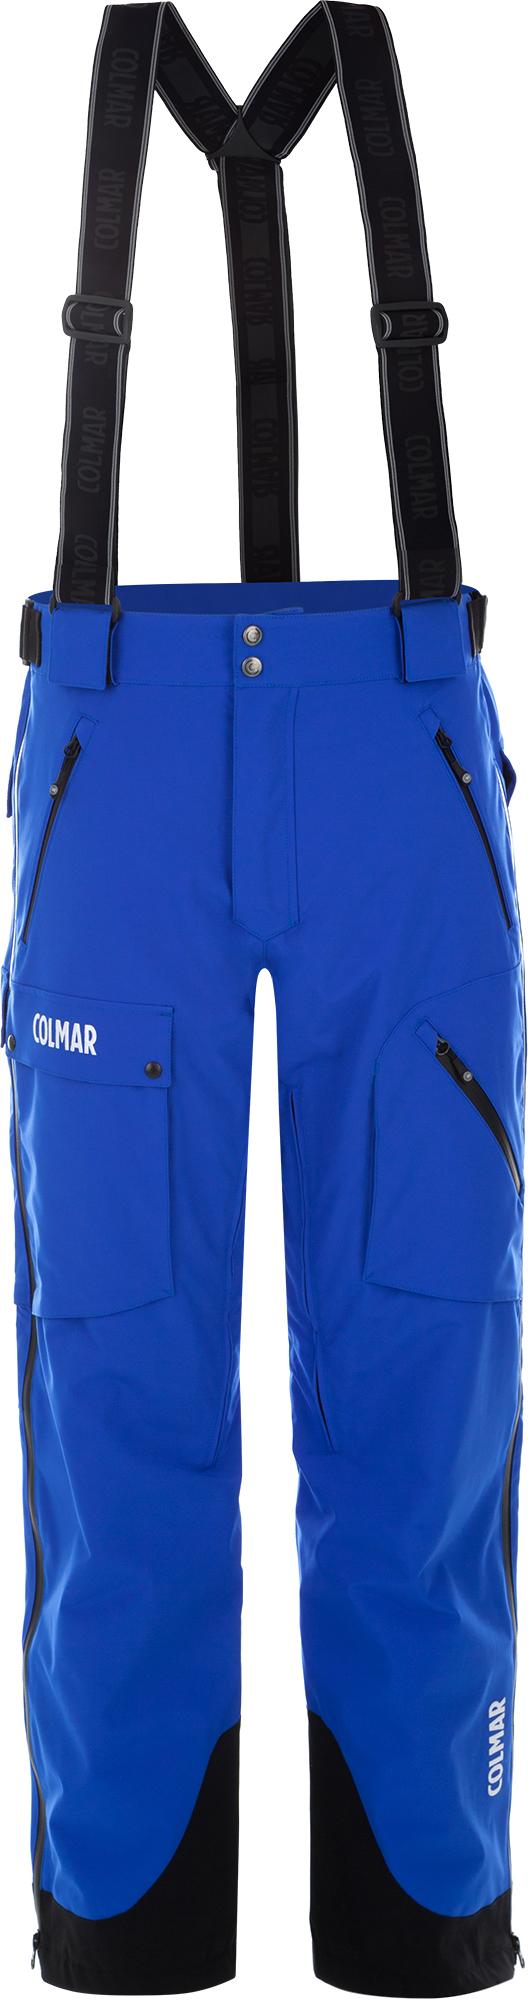 Colmar Брюки утепленные мужские Colmar Evolution colmar легкое пальто